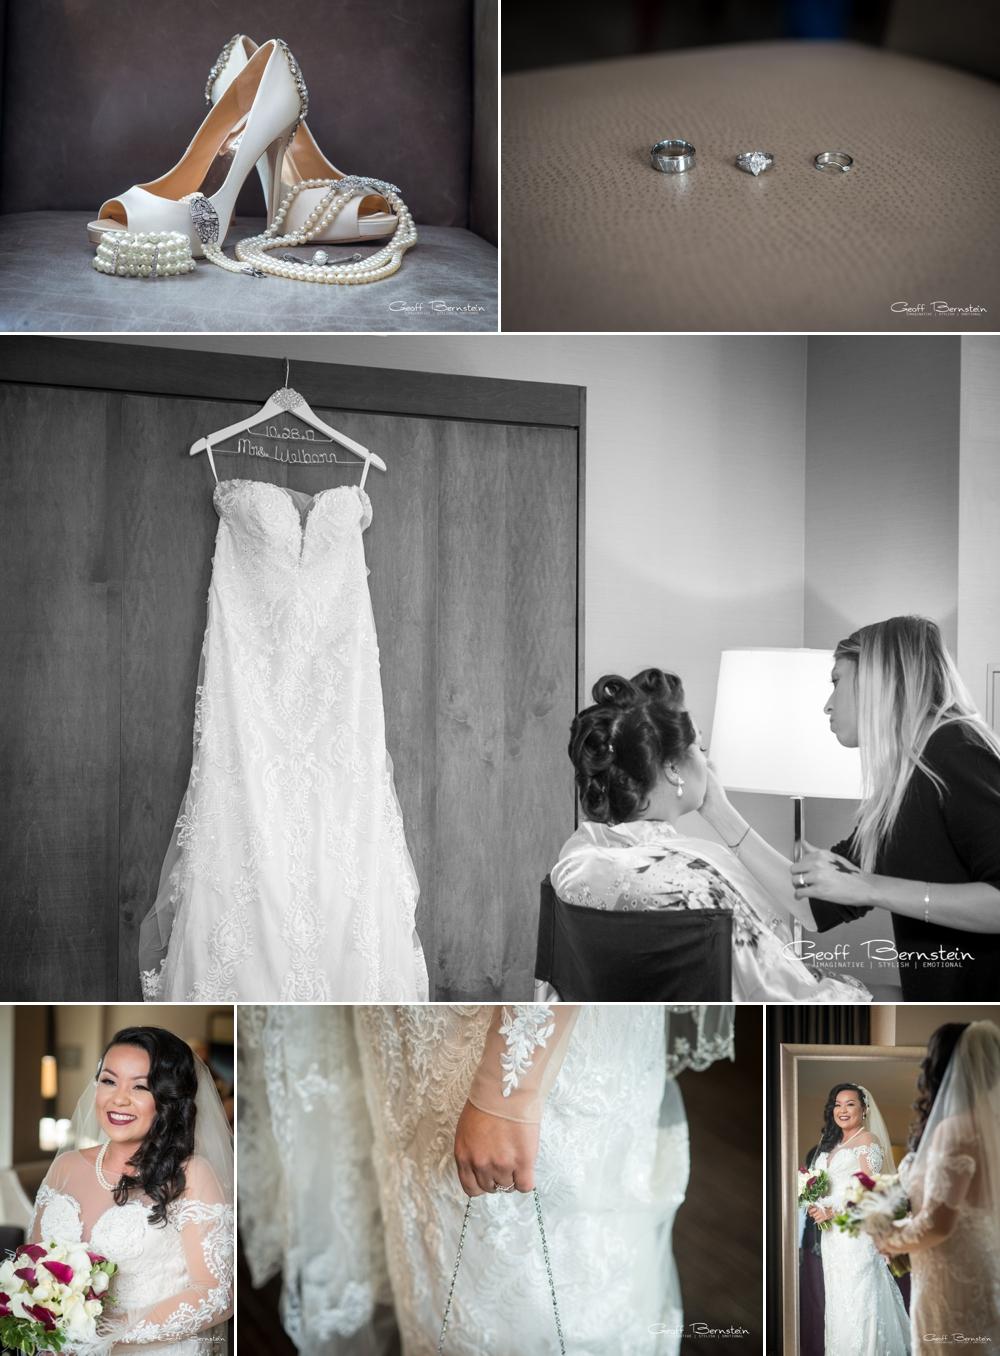 Welborn Collage 2.jpg